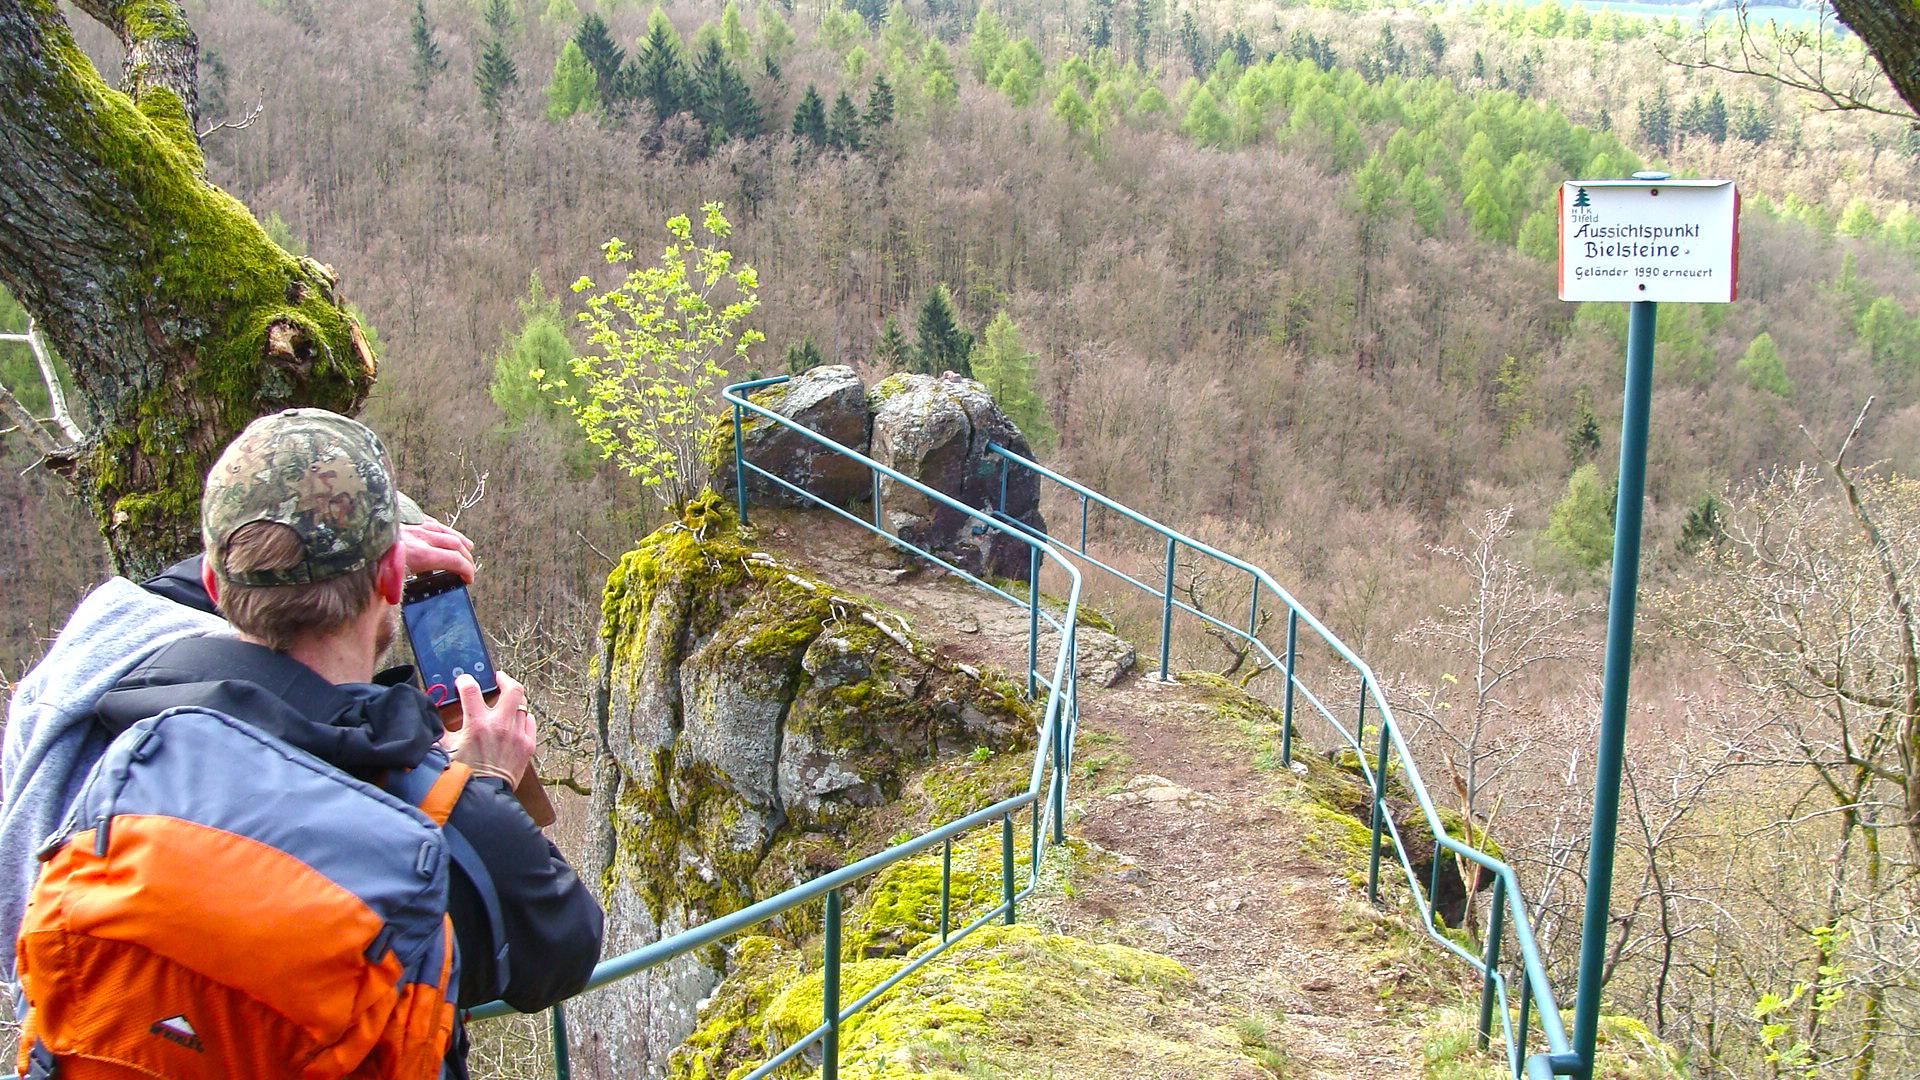 Aussichtspunkt Bielsteine